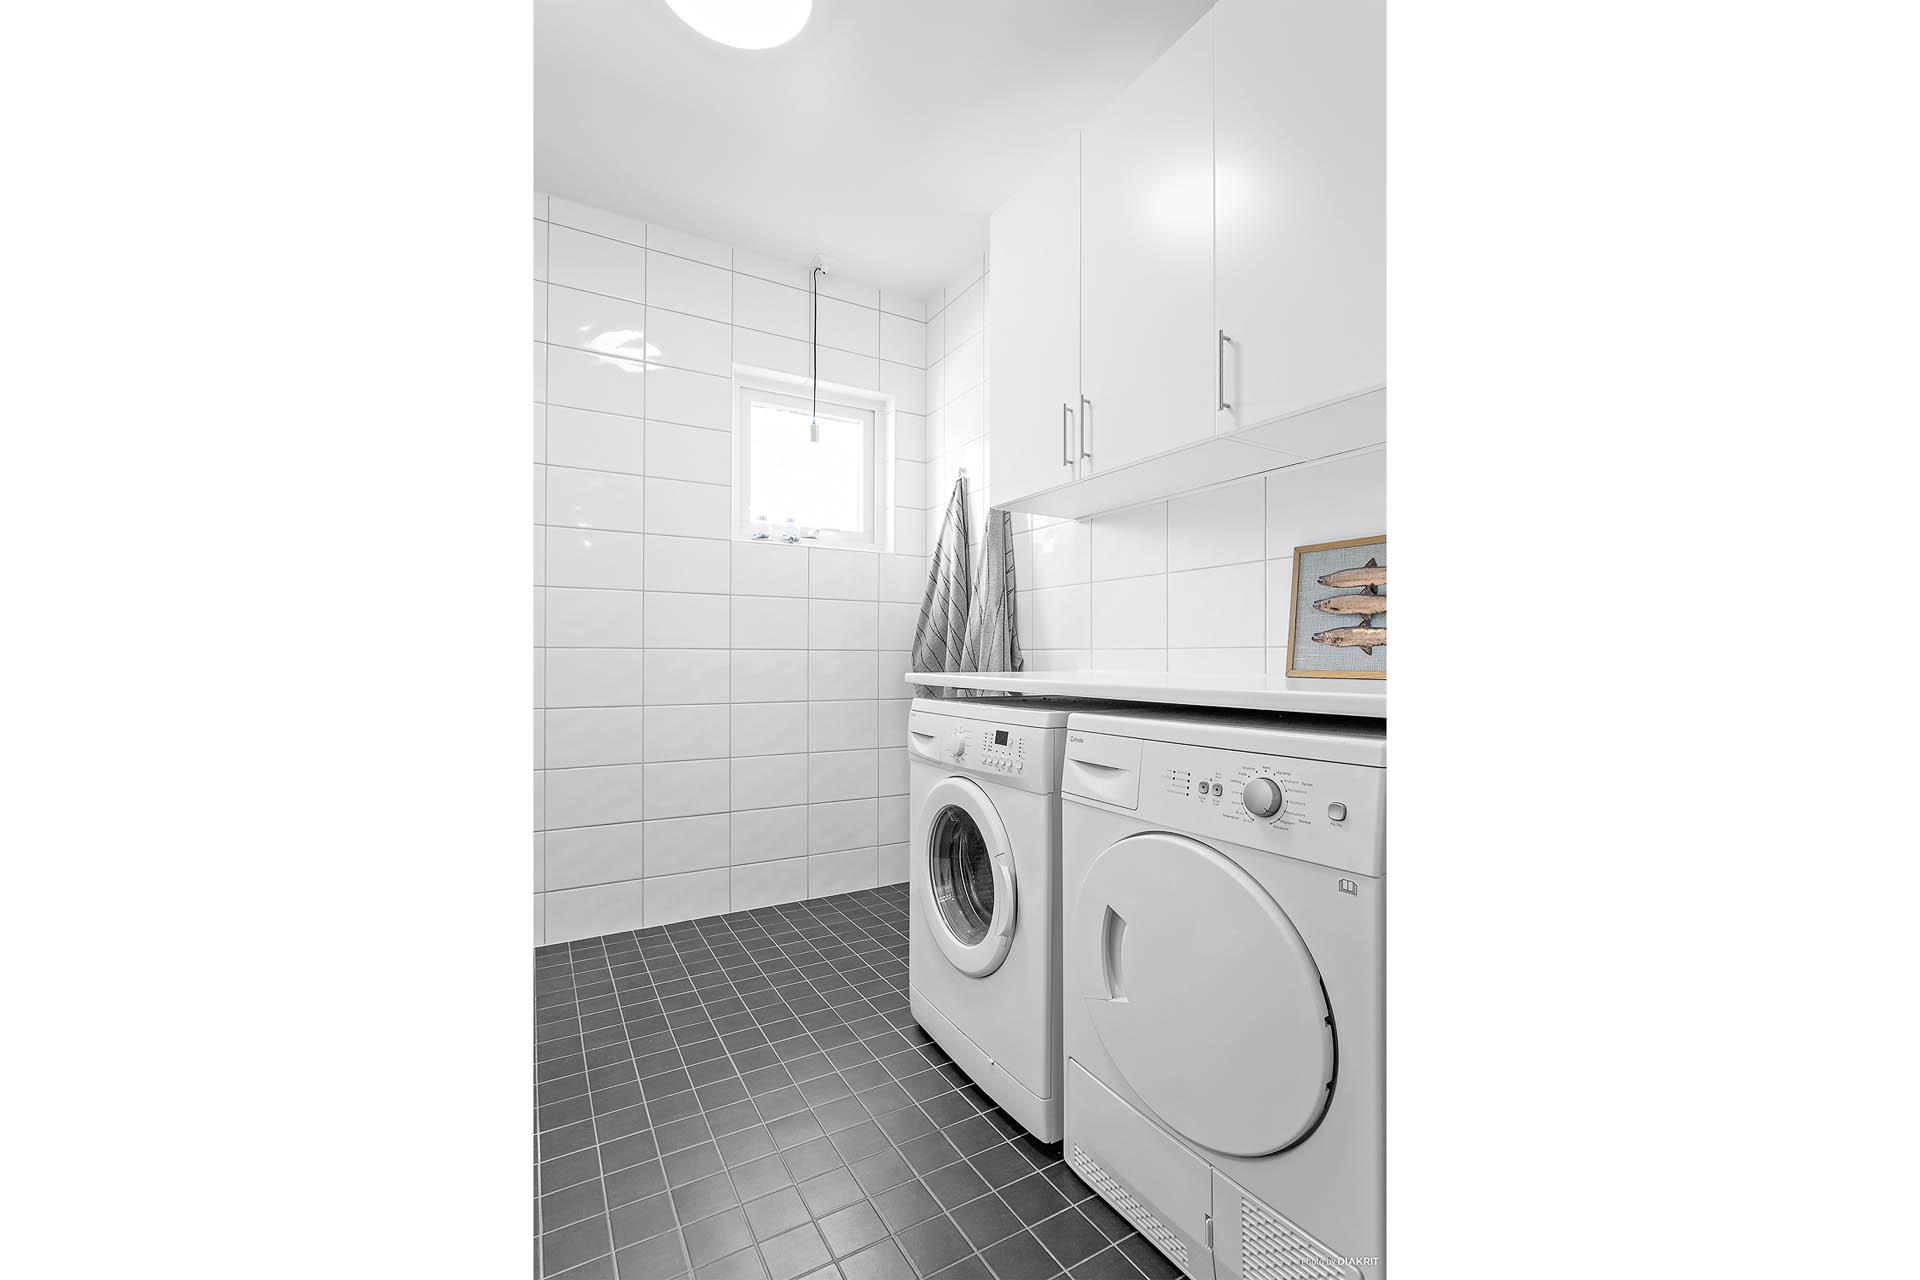 Tvättavdelning i badrum